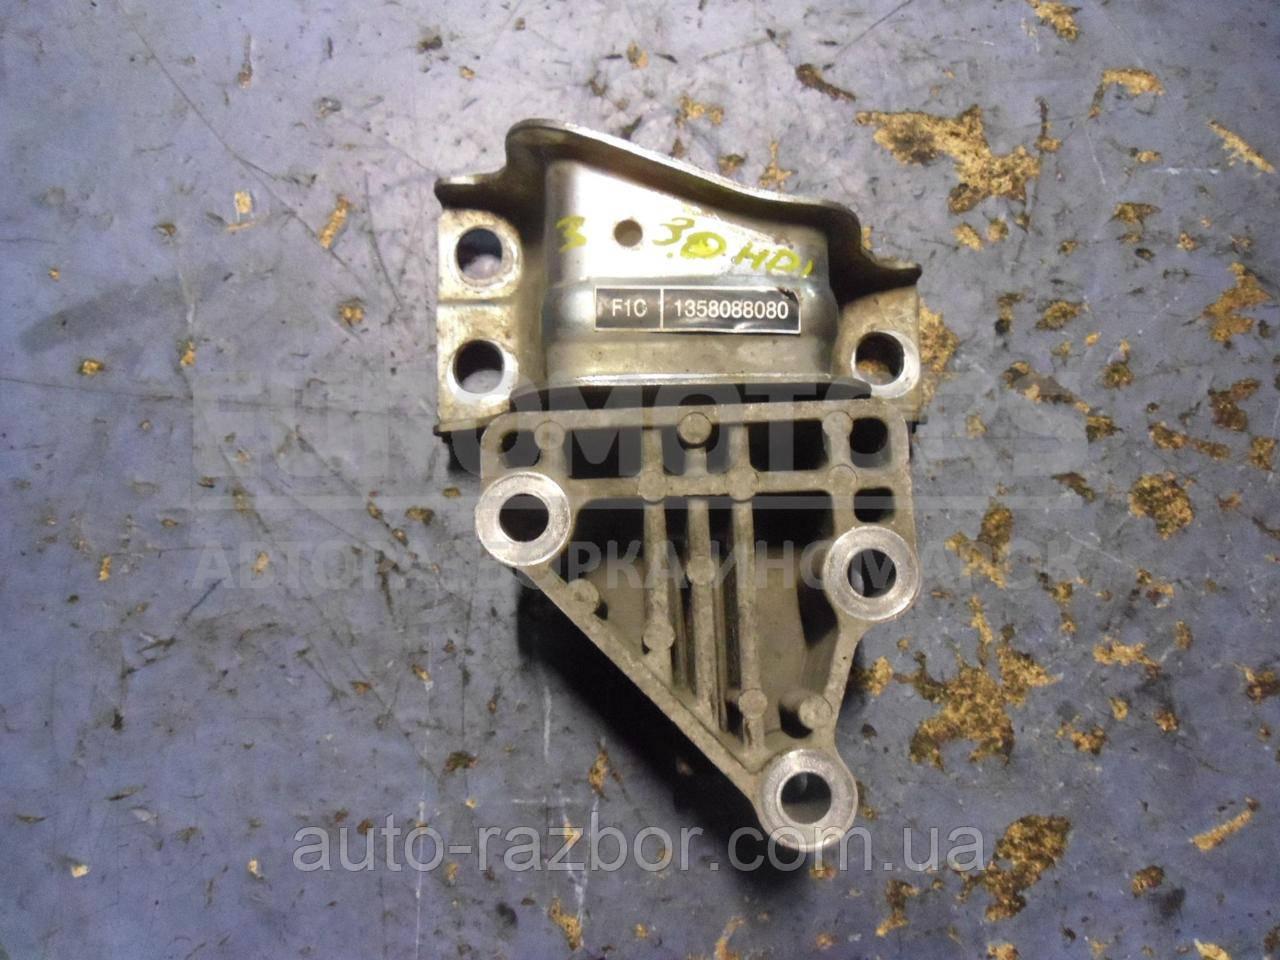 Подушка двигателя правая Citroen Jumper 2006-2014 1358088080 52924